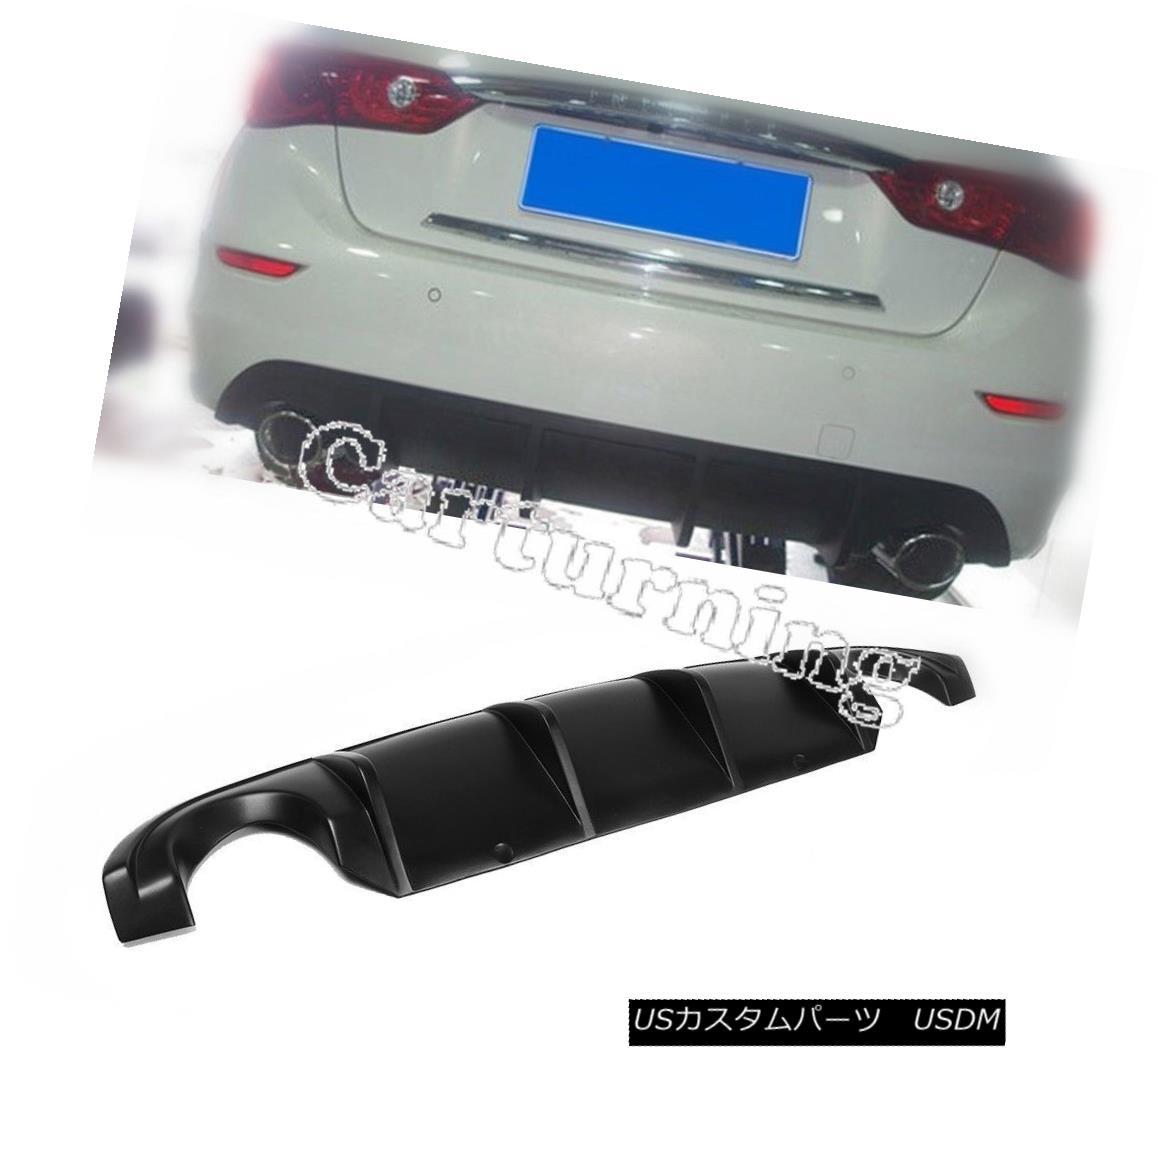 エアロパーツ PU Unpainted Rear Bumper Diffuser Spoiler Lip Wings Fit for Infiniti Q50 14-15 PU未塗装リヤバンパーディフューザースポイラーリップウイングインフィニティQ50 14-15